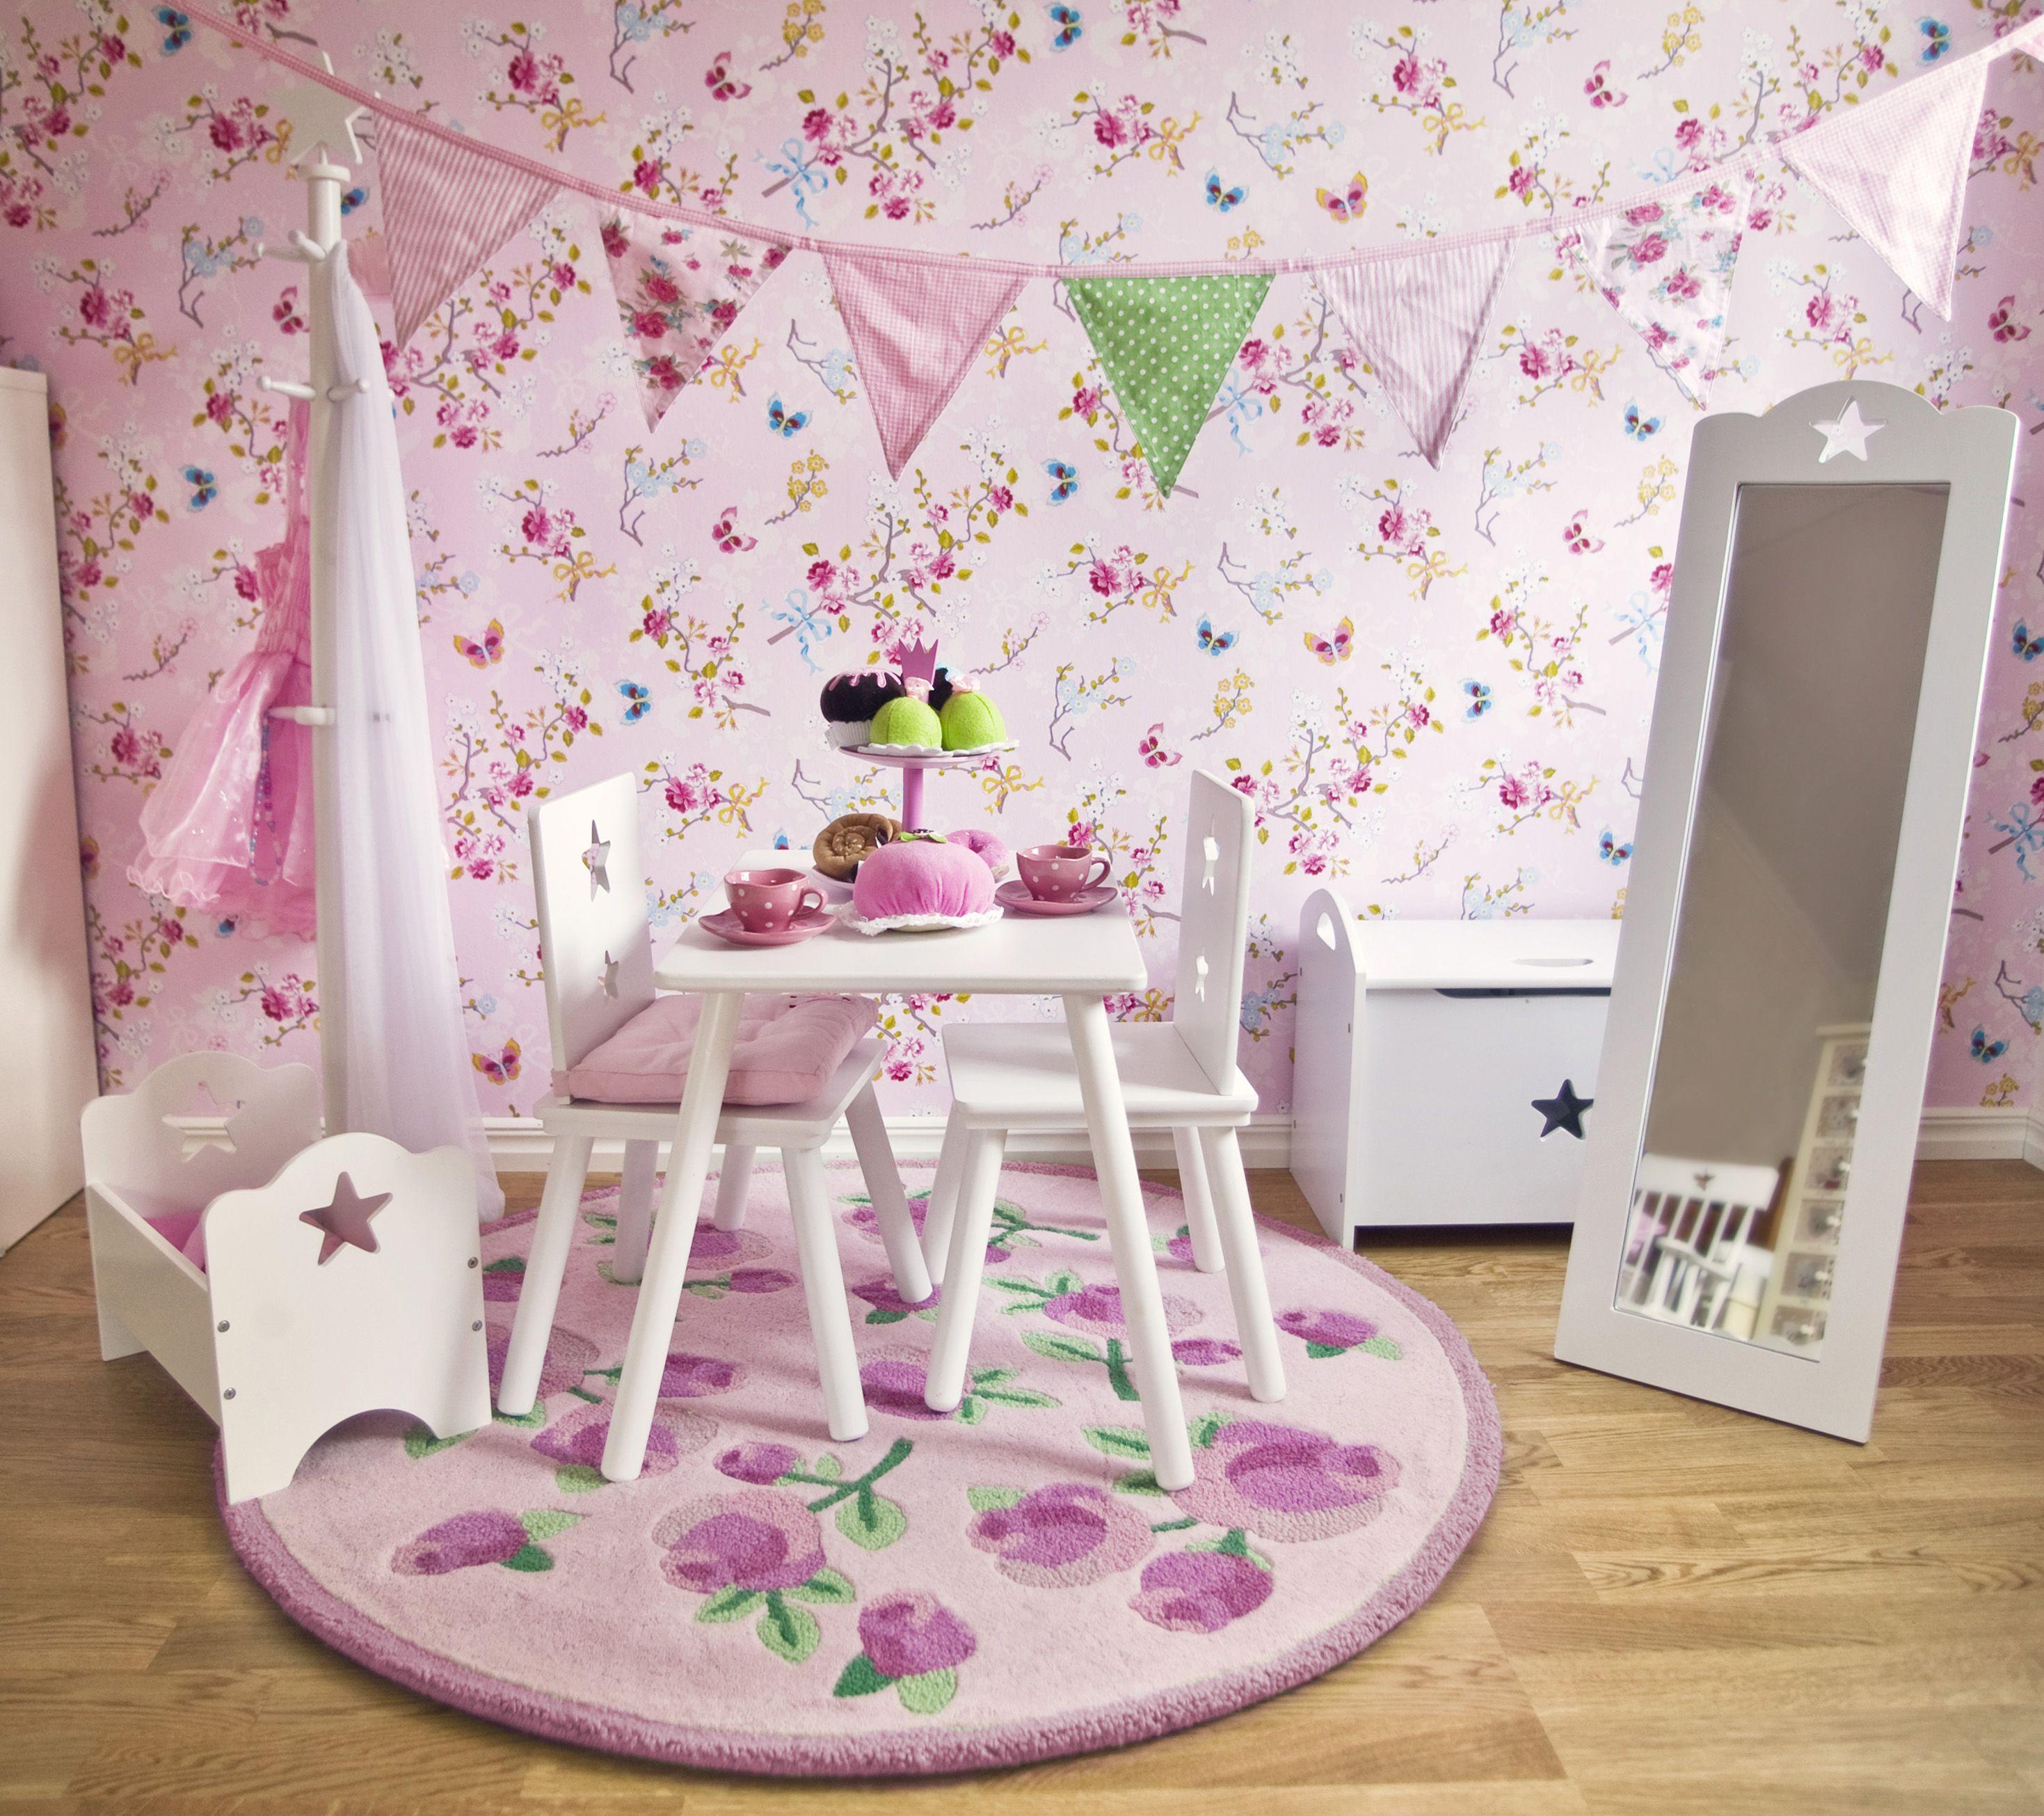 Prinzessinen Zimmer von Pinolino. | Wohnen mit Kind | Pinterest ...